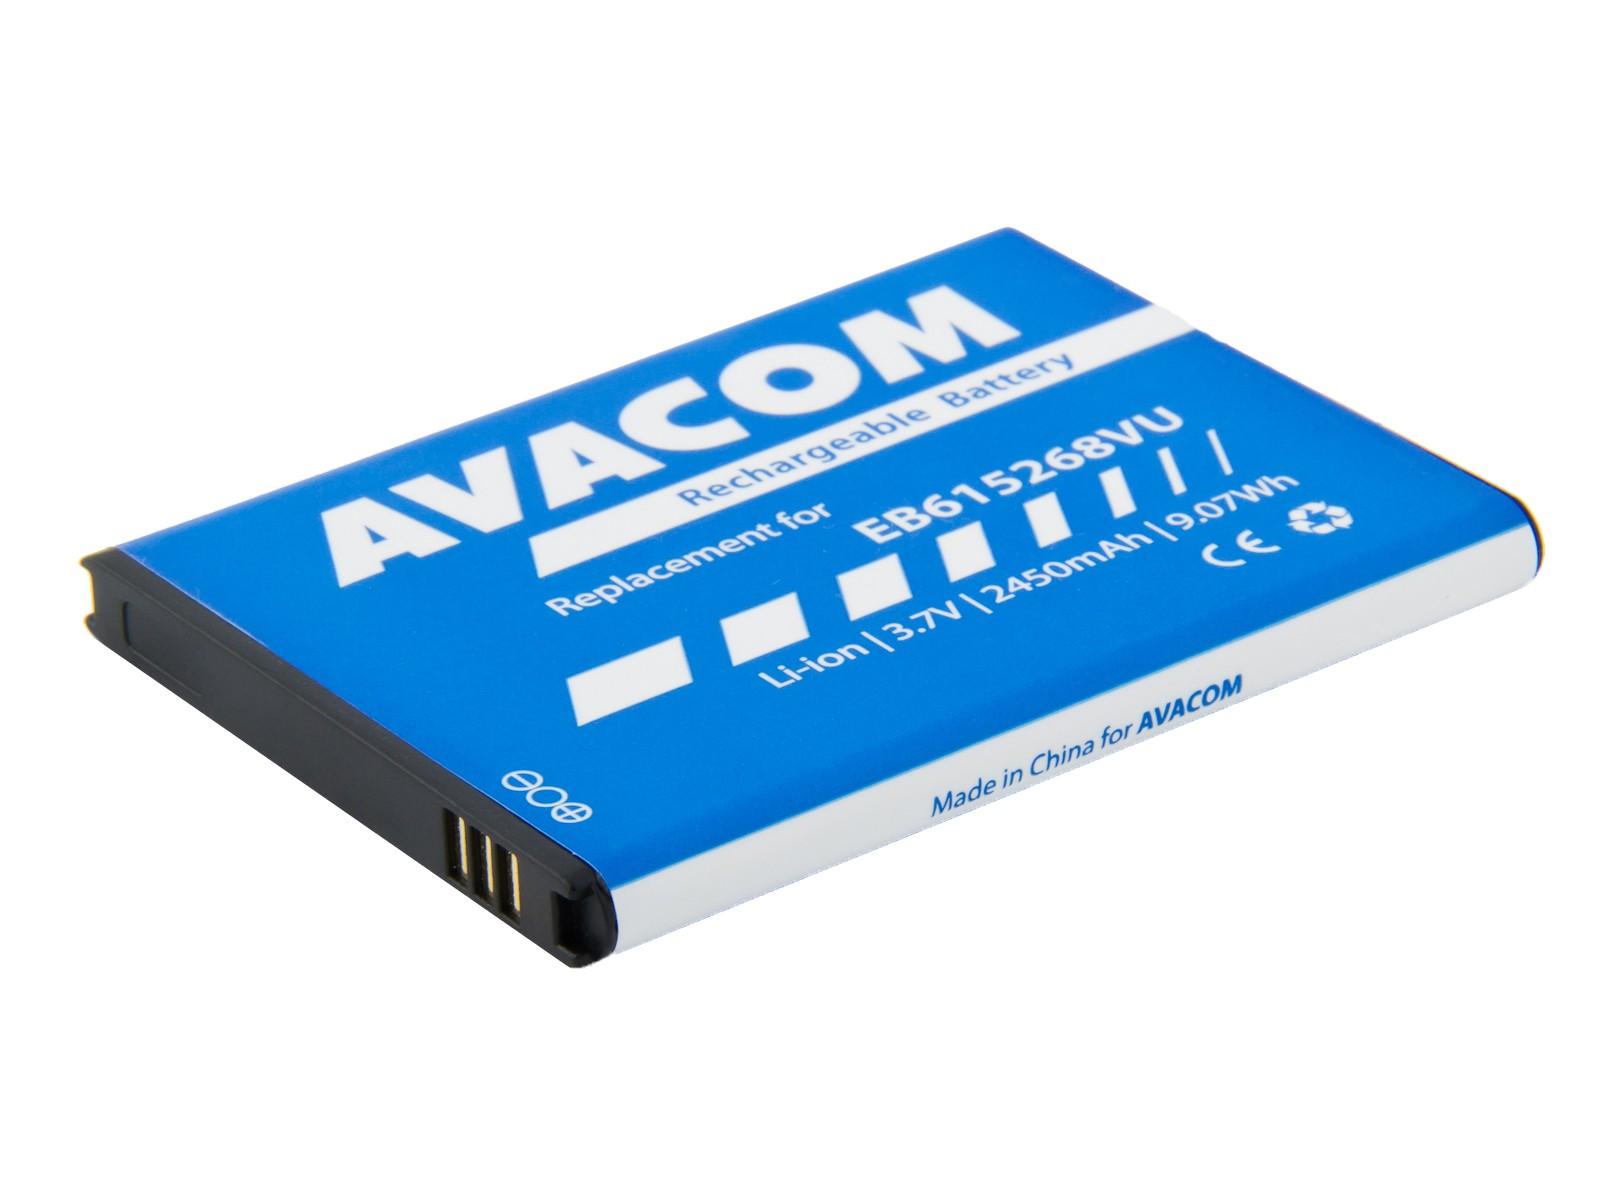 Baterie AVACOM GSSA-I9220-S2450A do mobilu Samsung Galaxy Note Li-Ion 3,7V 2450mAh